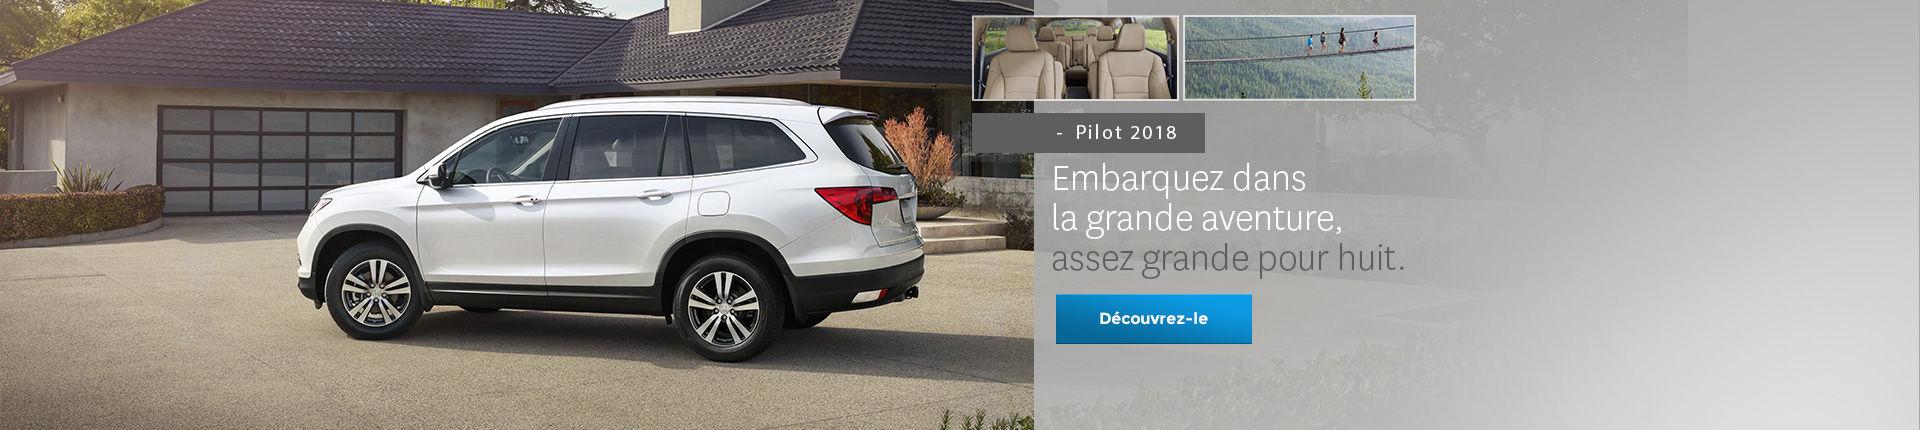 Pilot 2018